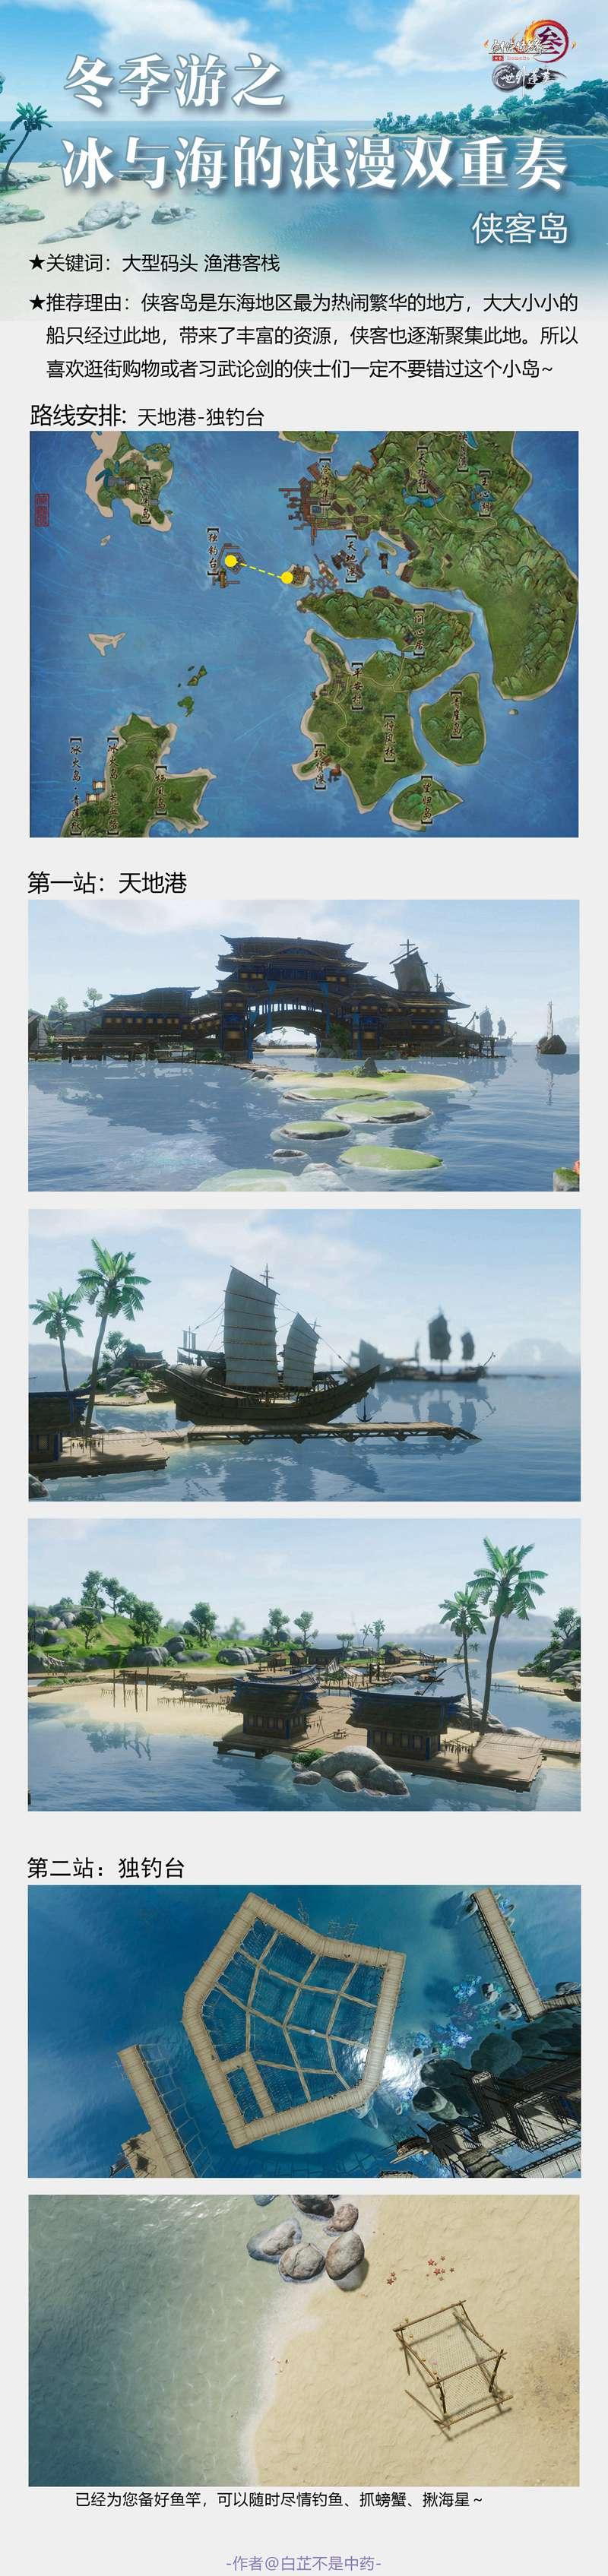 首测玩家现场街拍 《剑网3》世外蓬莱照片级美景